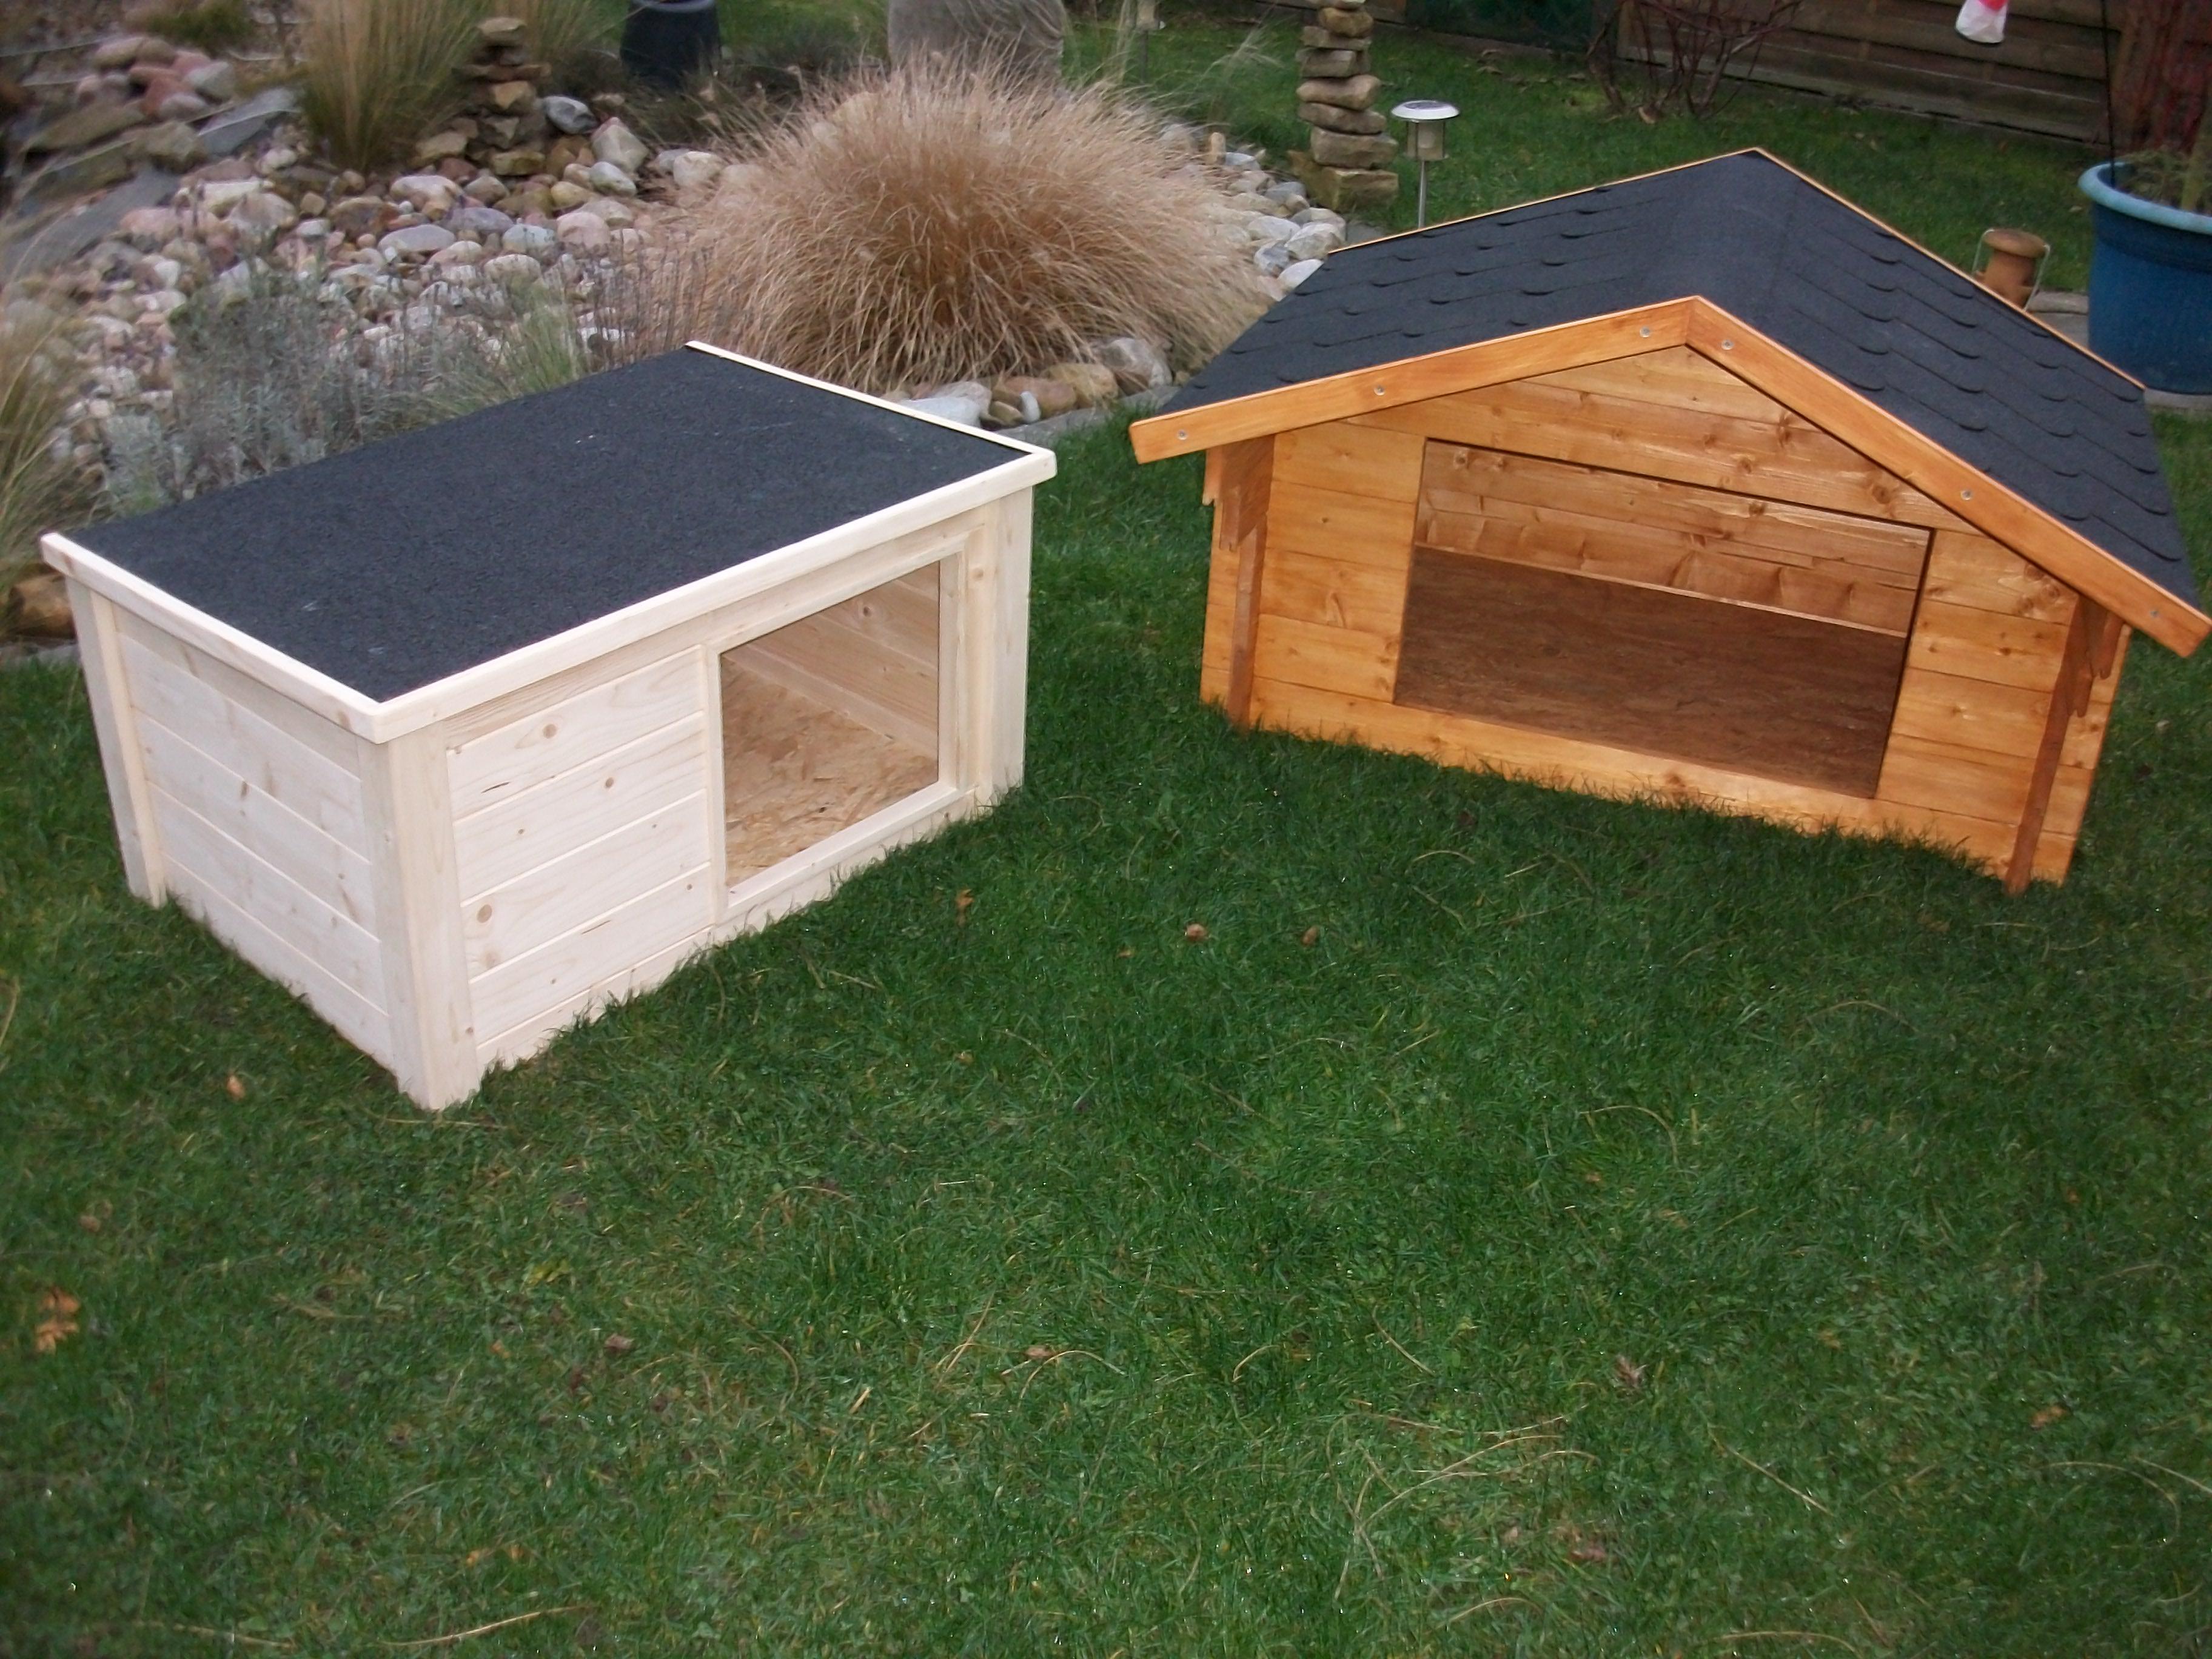 hundeh tten hundepavillons mini gartenh user flachdach tten in stadthagen tiere kleinanzeigen. Black Bedroom Furniture Sets. Home Design Ideas